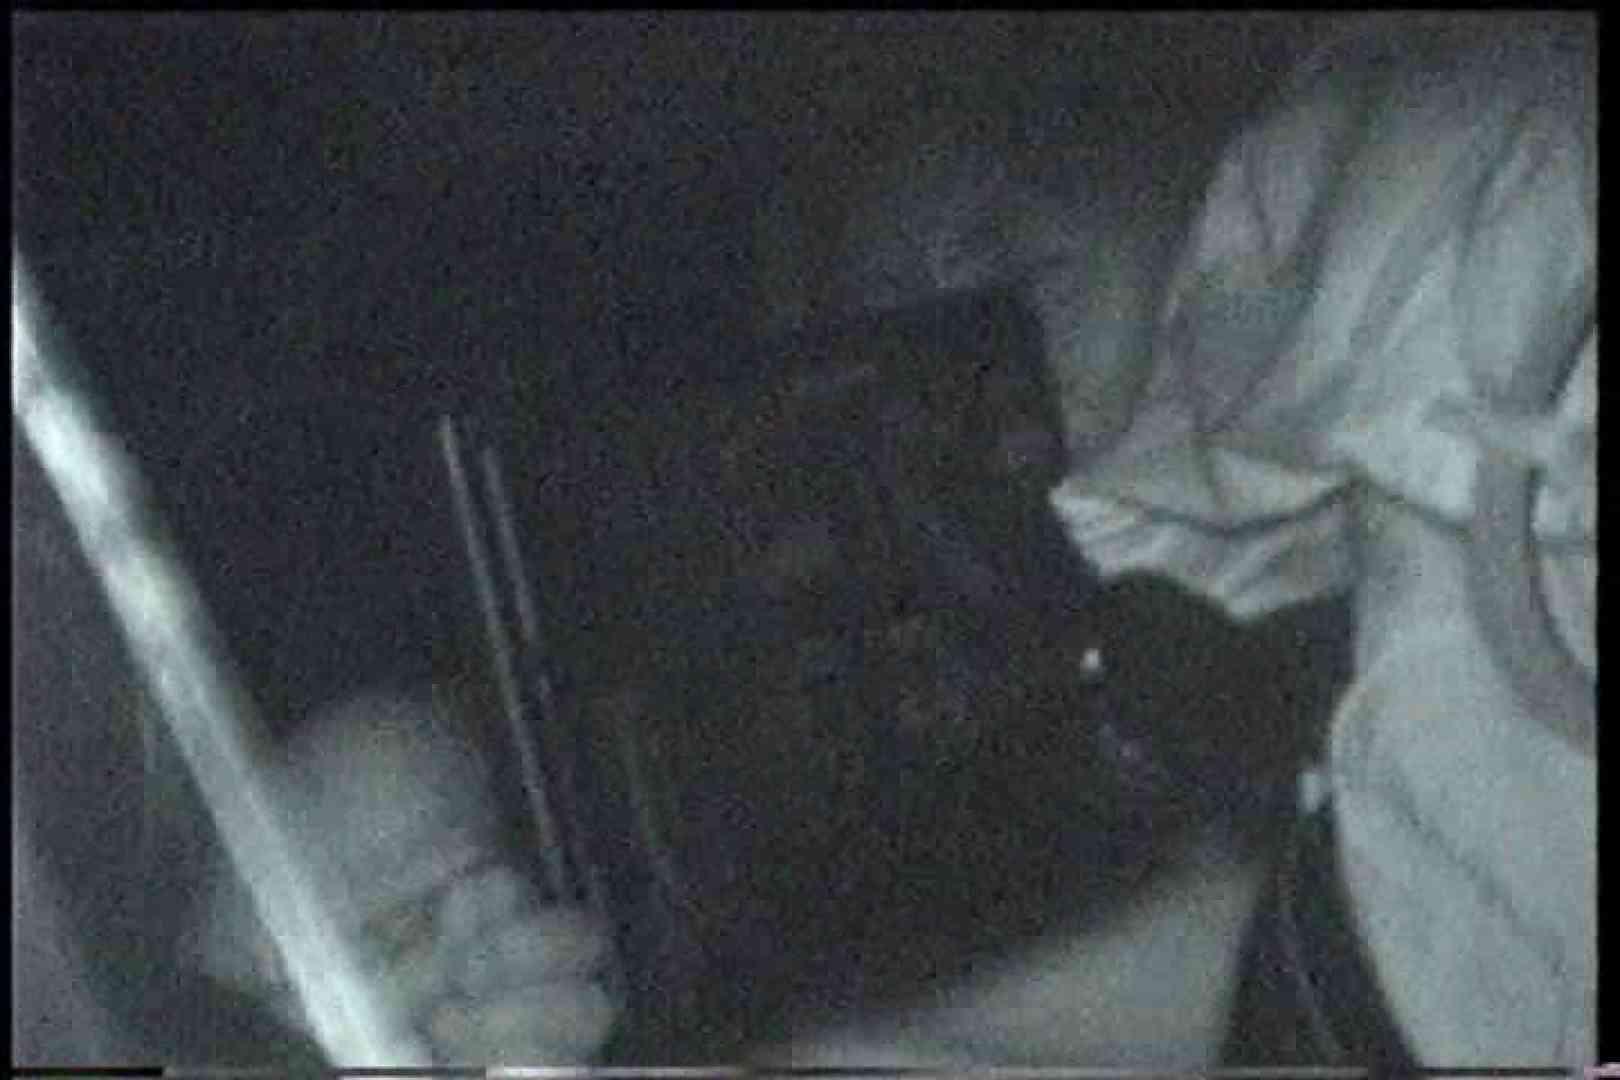 充血監督の深夜の運動会Vol.187 エロティックなOL   エッチなセックス  96画像 23